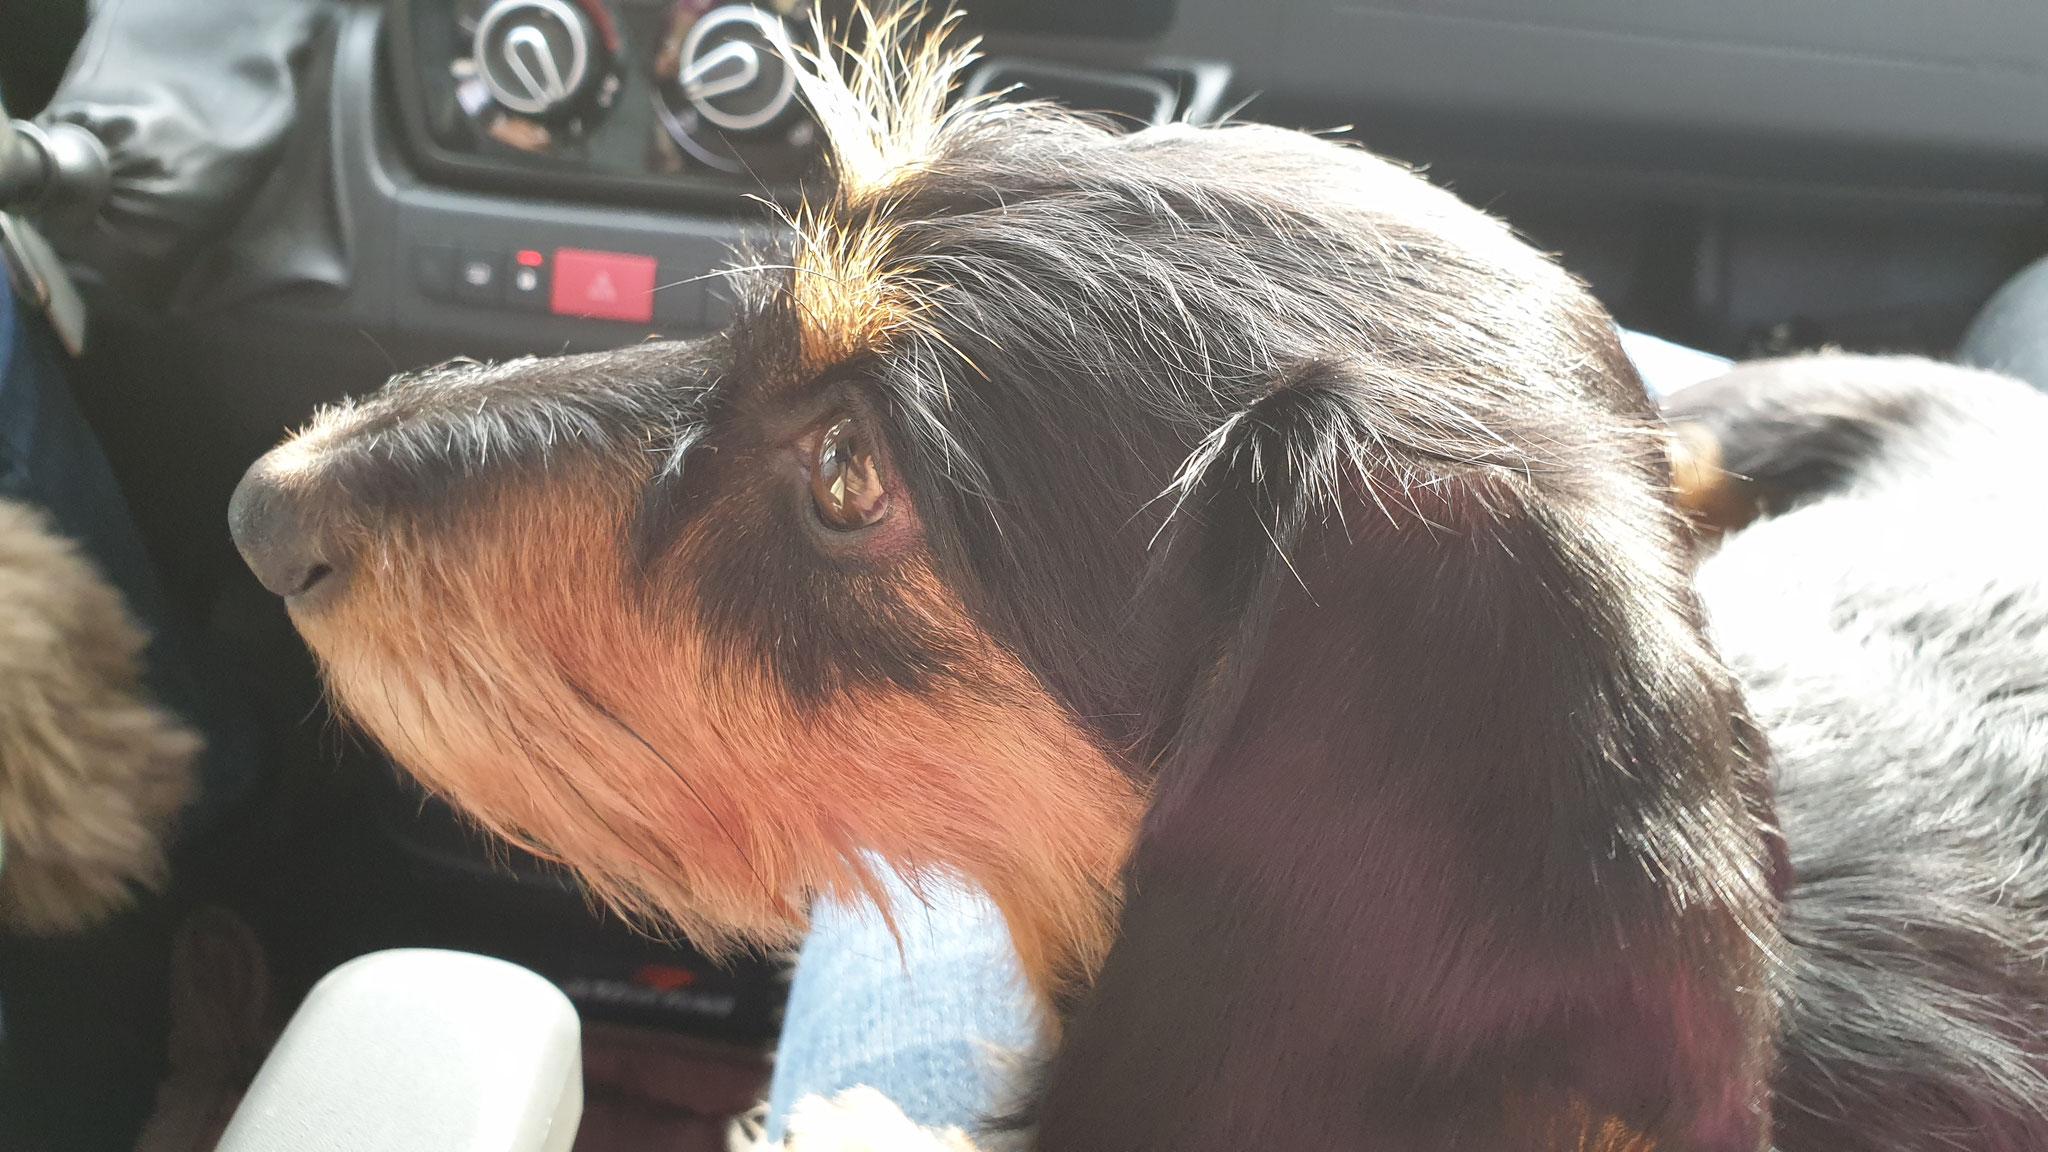 Olly geniesst die Fahrt auf dem Beifahrersitz